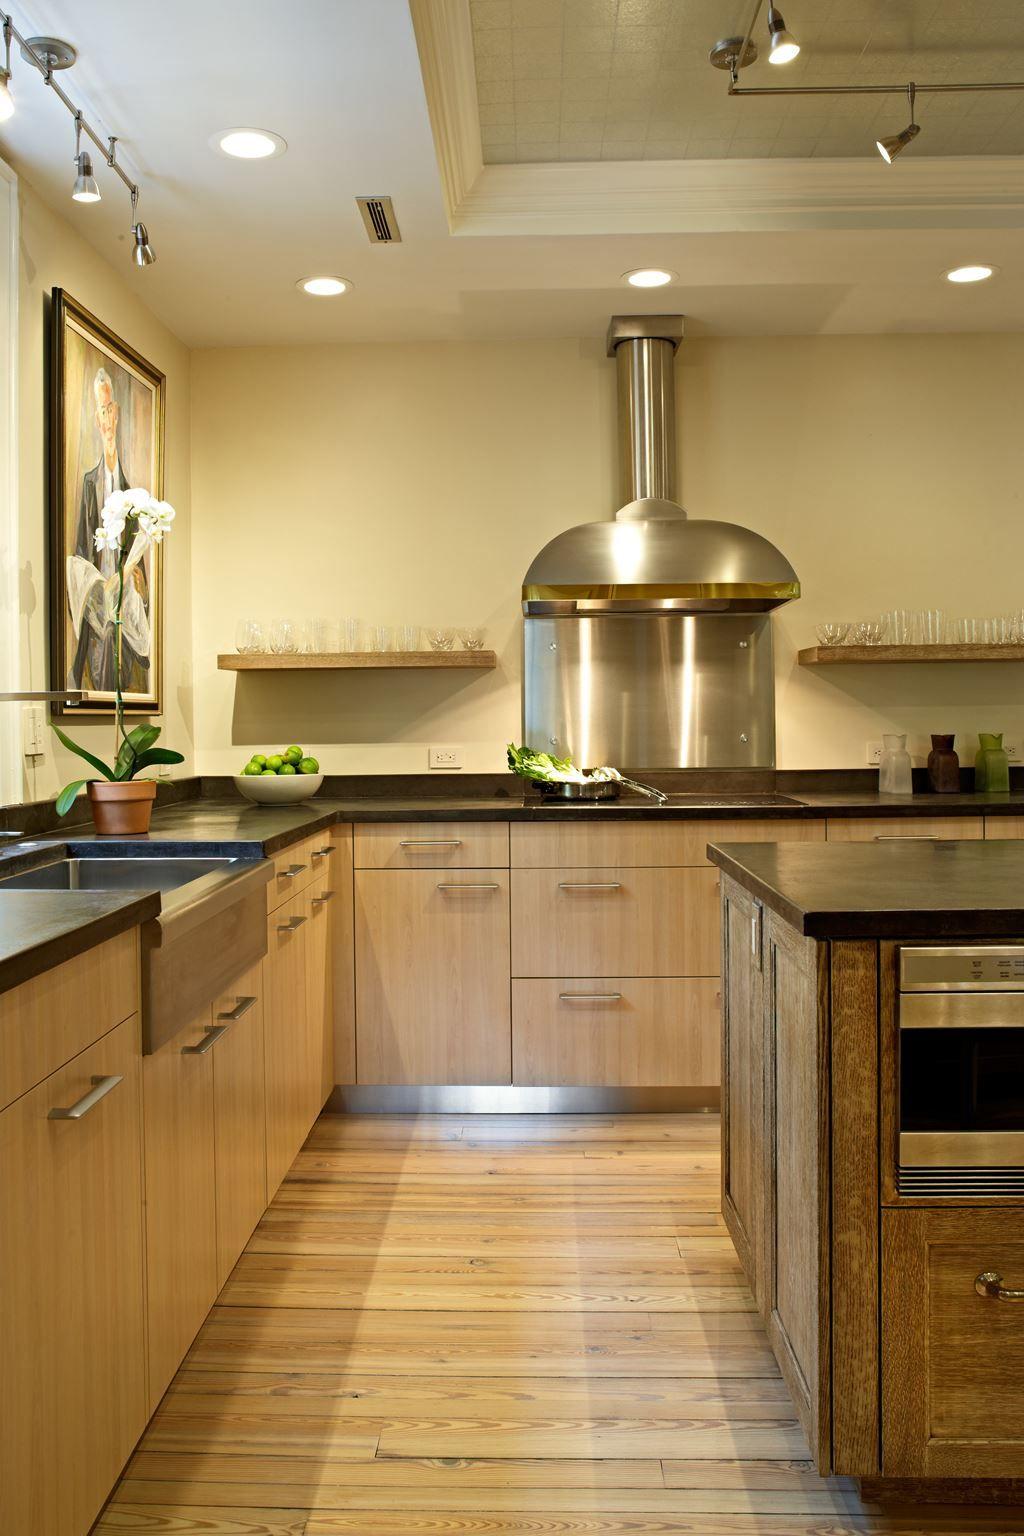 Dalton kitchen kitchen gallery subzero u wolf appliances